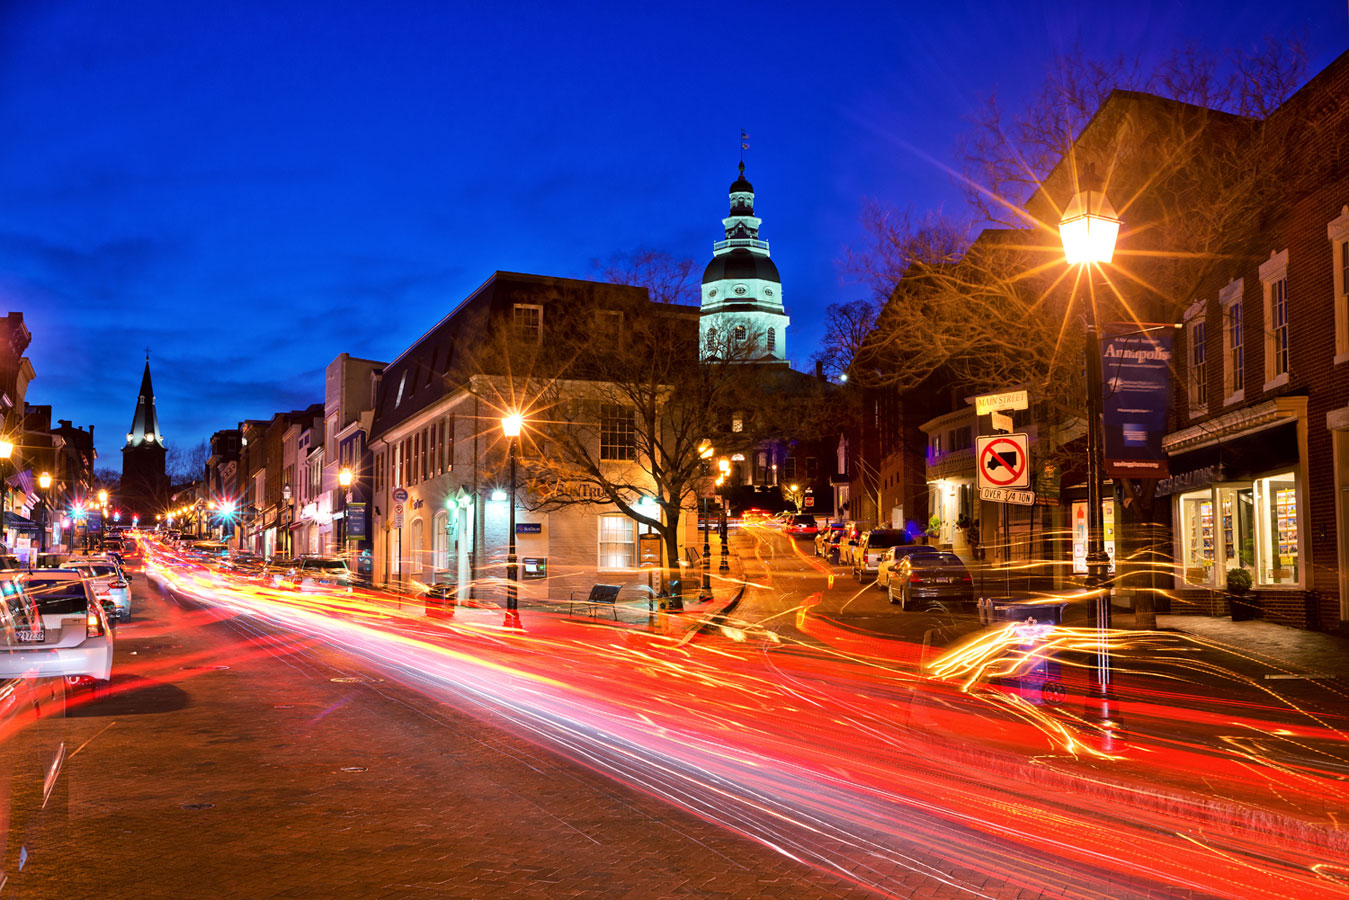 Главная улица города Аннаполис, © Эндрю Риверс, США, Фильтр: поляризационный (PL), Фотоконкурс Marumi «Городской пейзаж со светофильтром»